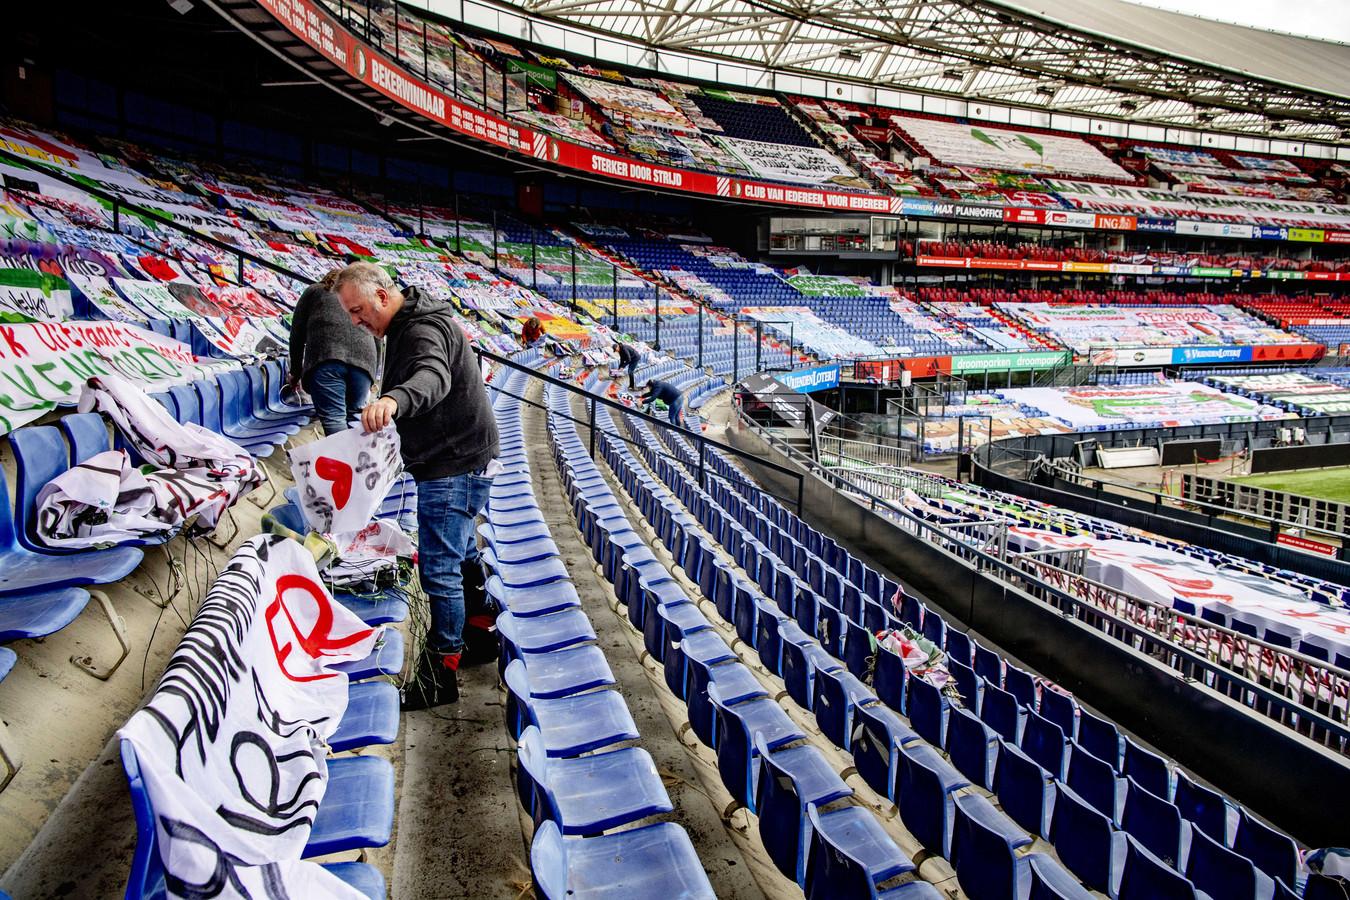 Met het oog op de bekerfinale tussen Ajax en Vitesse werden de duizenden spandoeken met steunbetuigingen aan Feyenoord uit stadion De Kuip verwijderd.